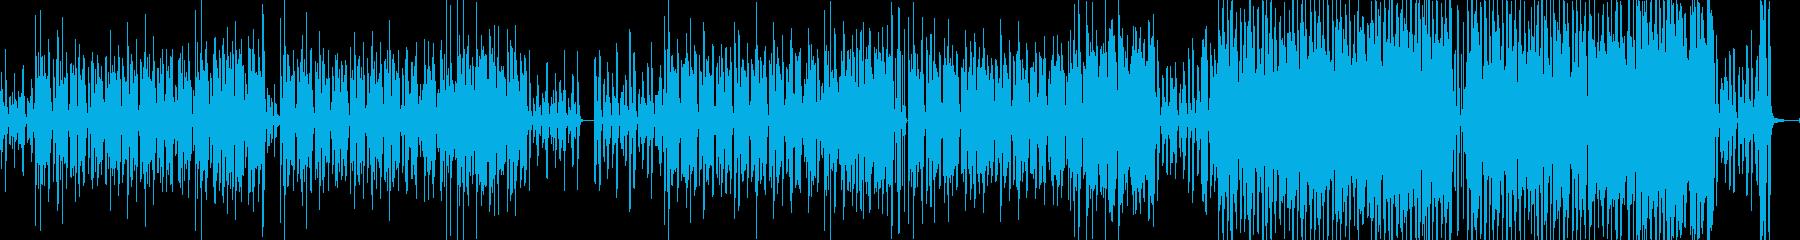 コミカルでのほほんとしたポップスの再生済みの波形